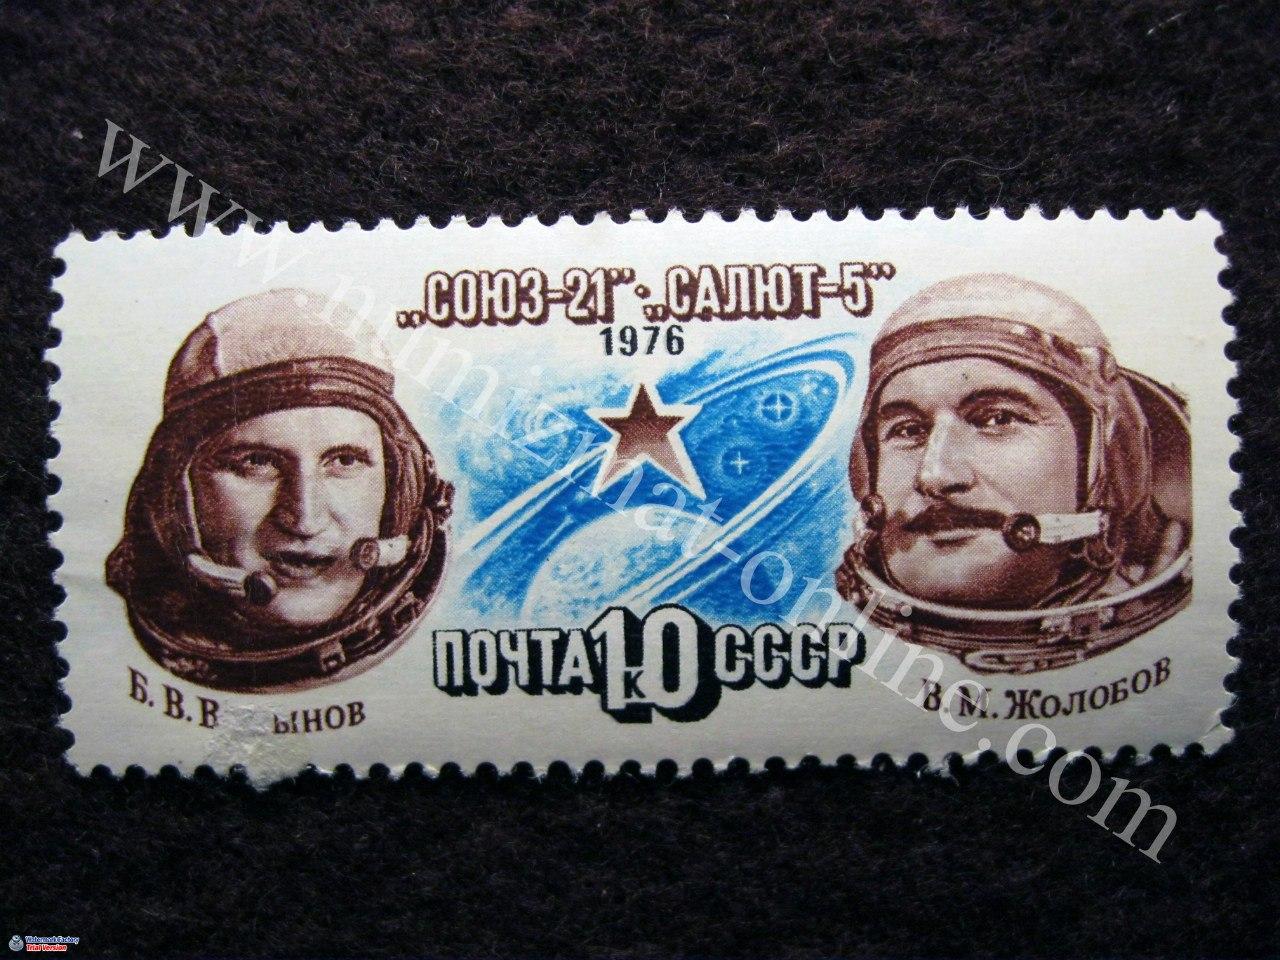 Марка с изоброжением космонавтов Волынова и Жолобова, 1976г